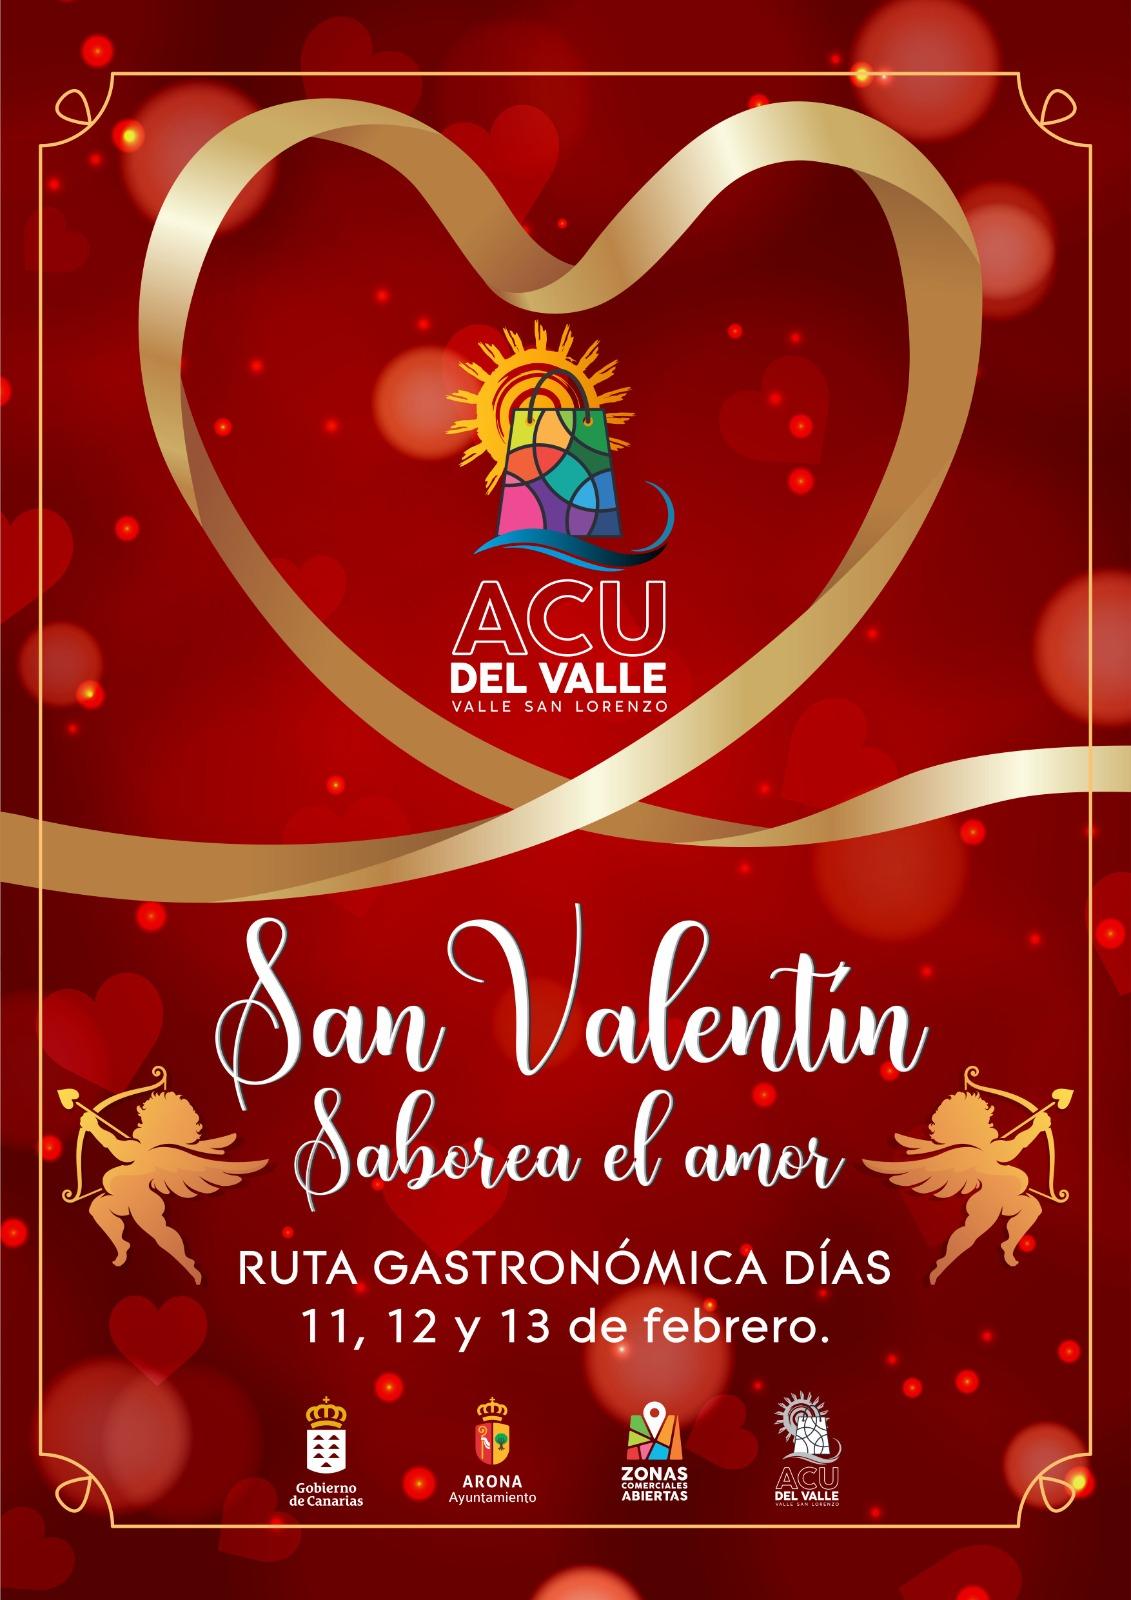 San Valentín ACU